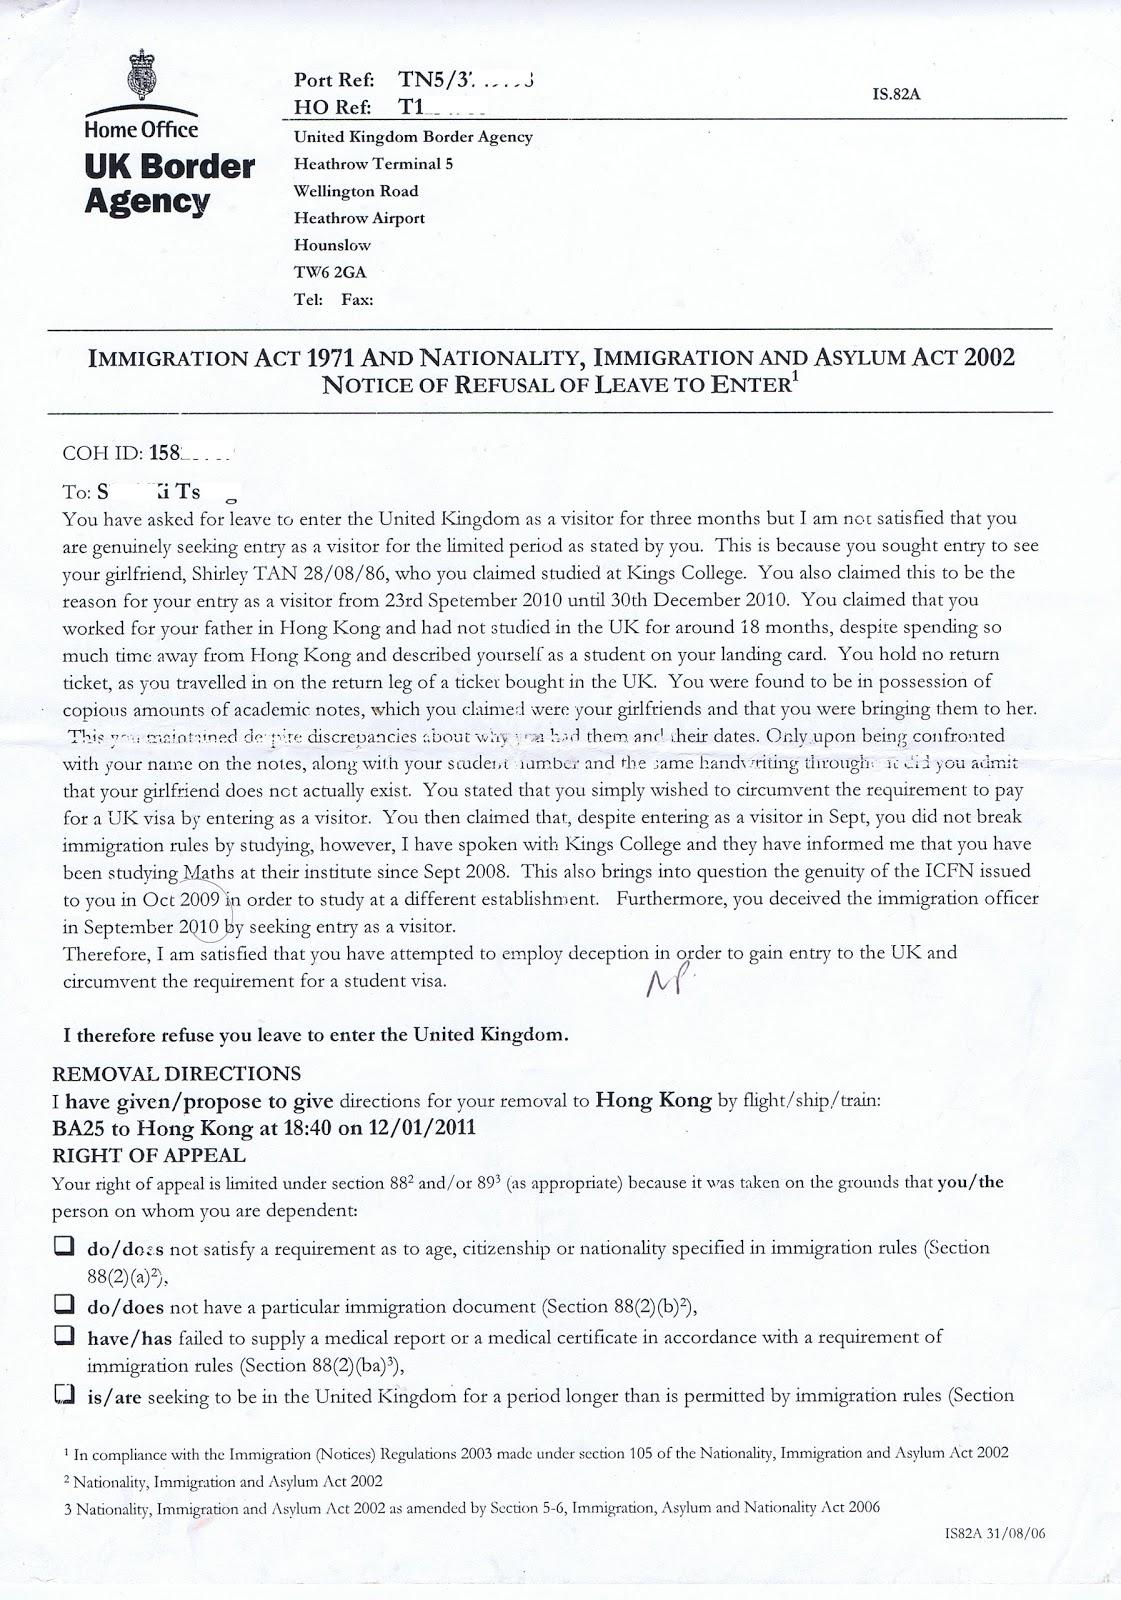 Sample cover letter for tourist visa application schengen selol sample altavistaventures Images